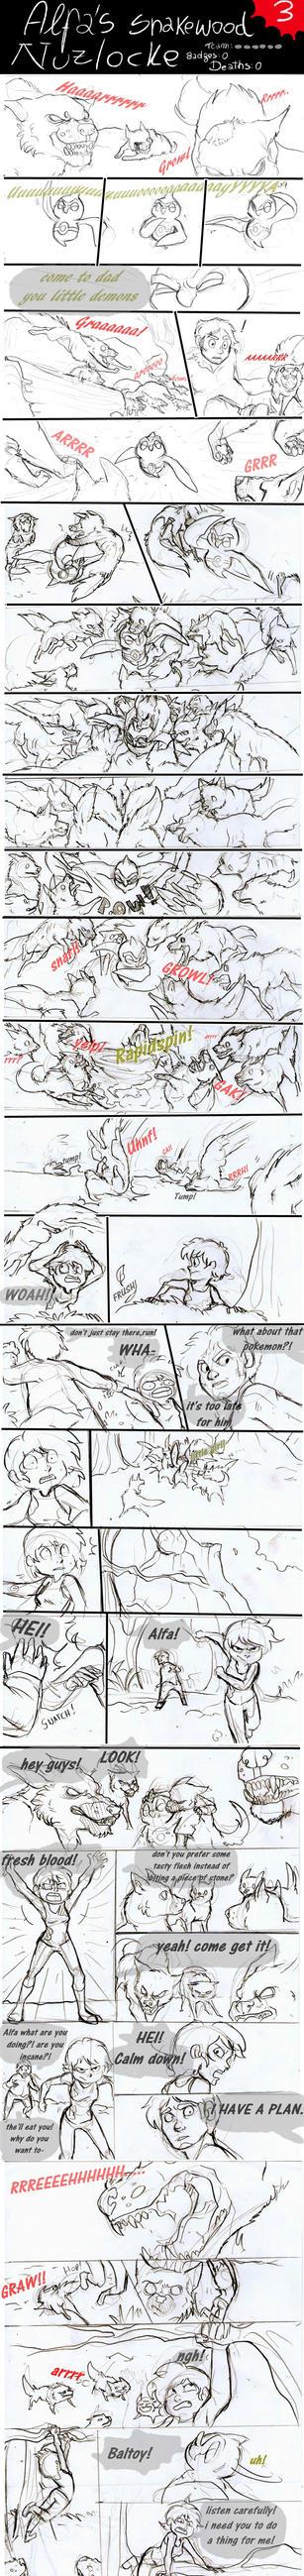 Alfa's Snakewood Nuzlocke-page 3 by xXAlfaX